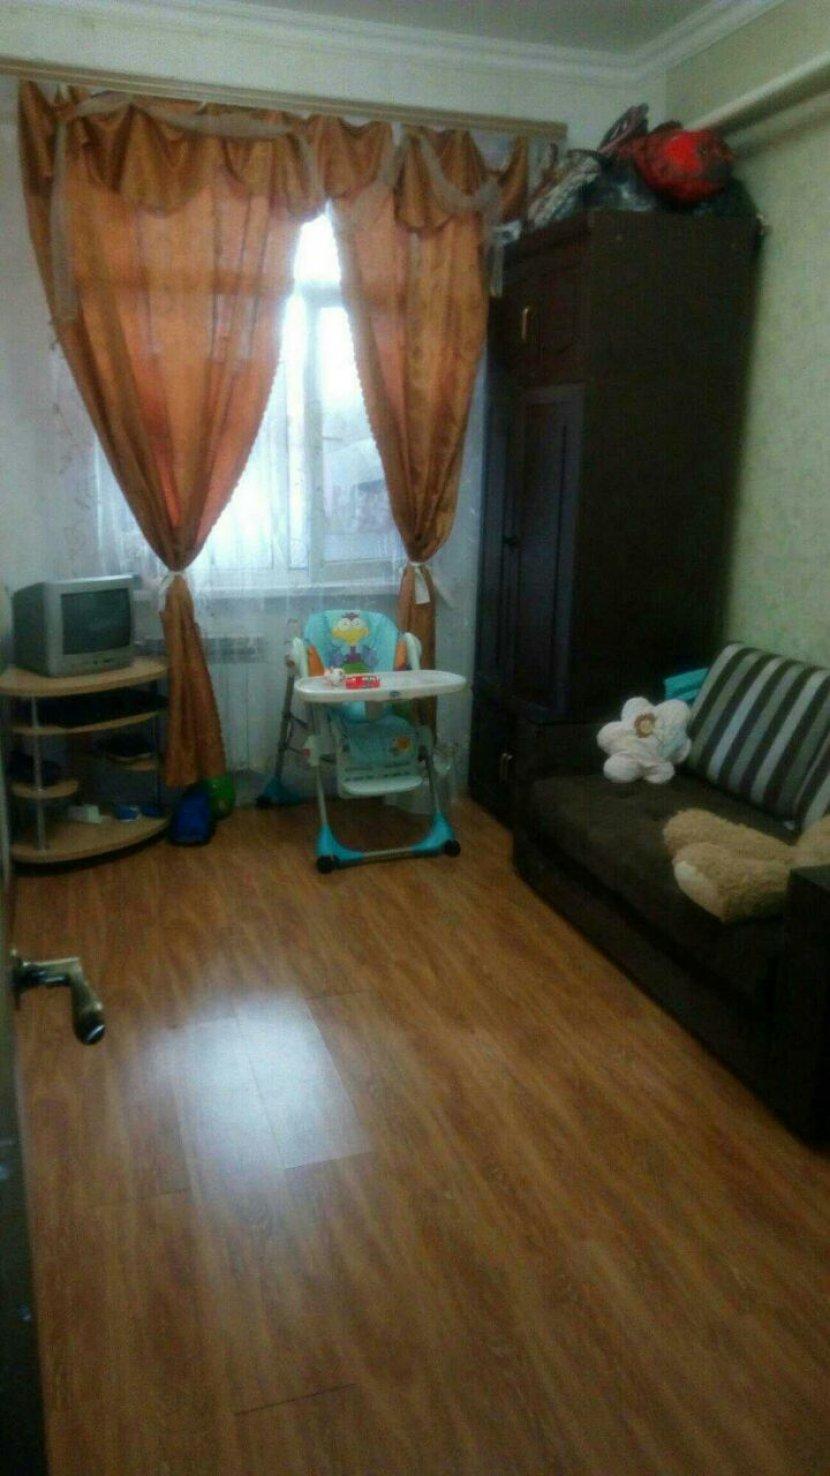 Продажа 2-х комнатной квартиры по ул. Транспортной, д. 76/24 (58 м²)